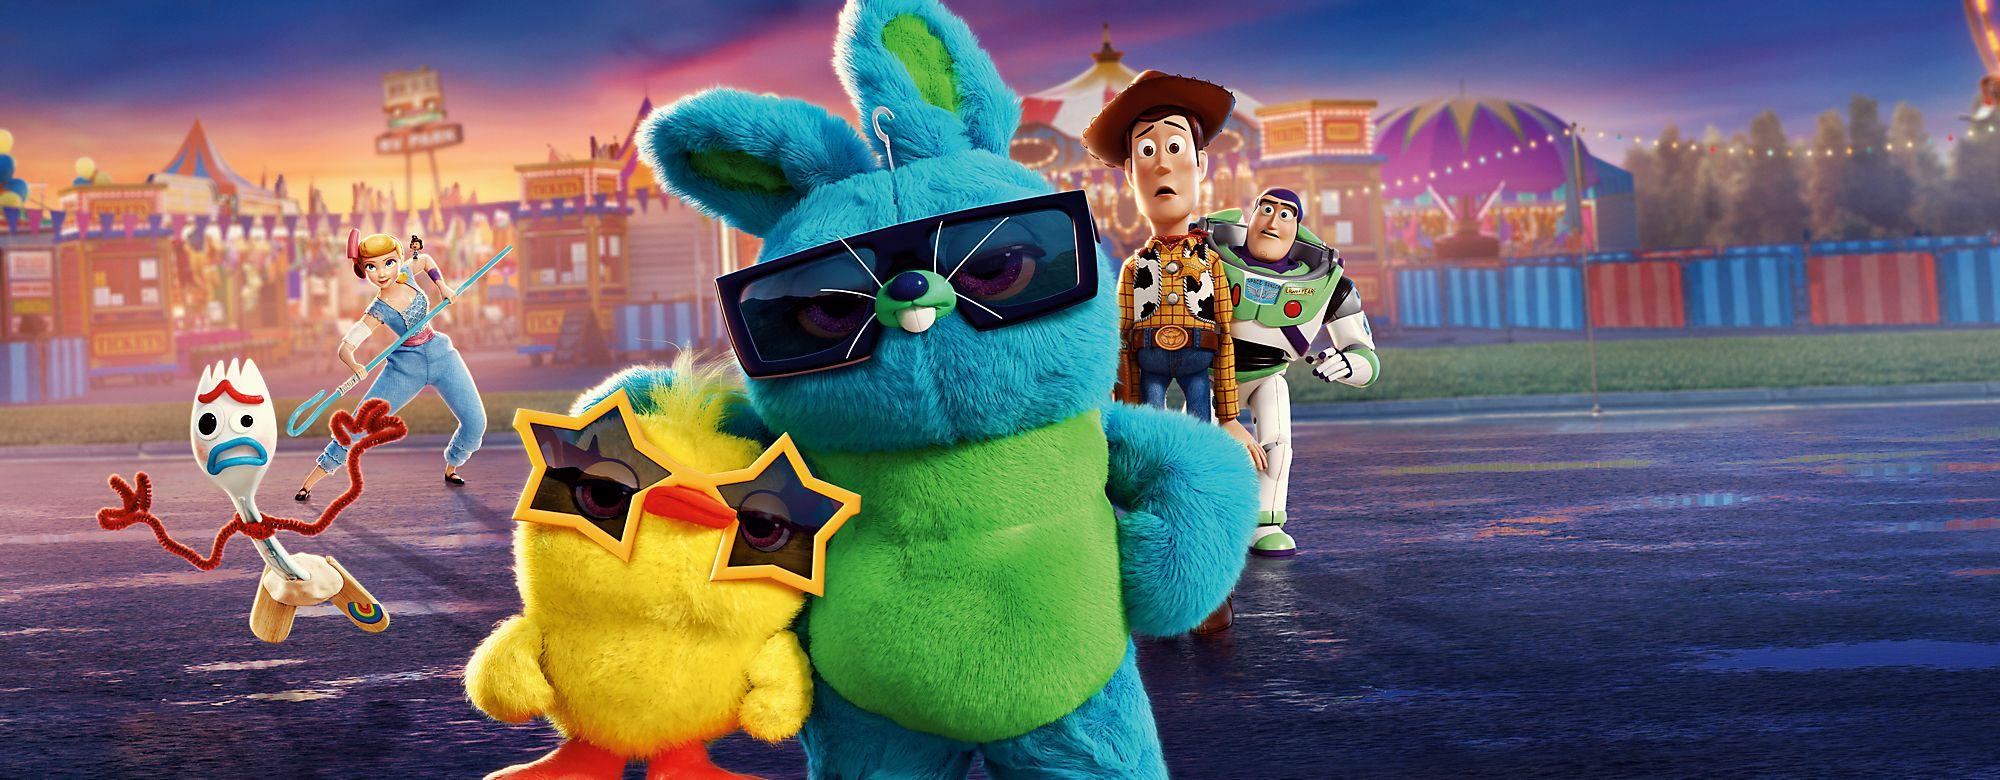 Prepárate para las aventuras de la pandilla de Toy Story y sus nuevos amigos COMPRAR